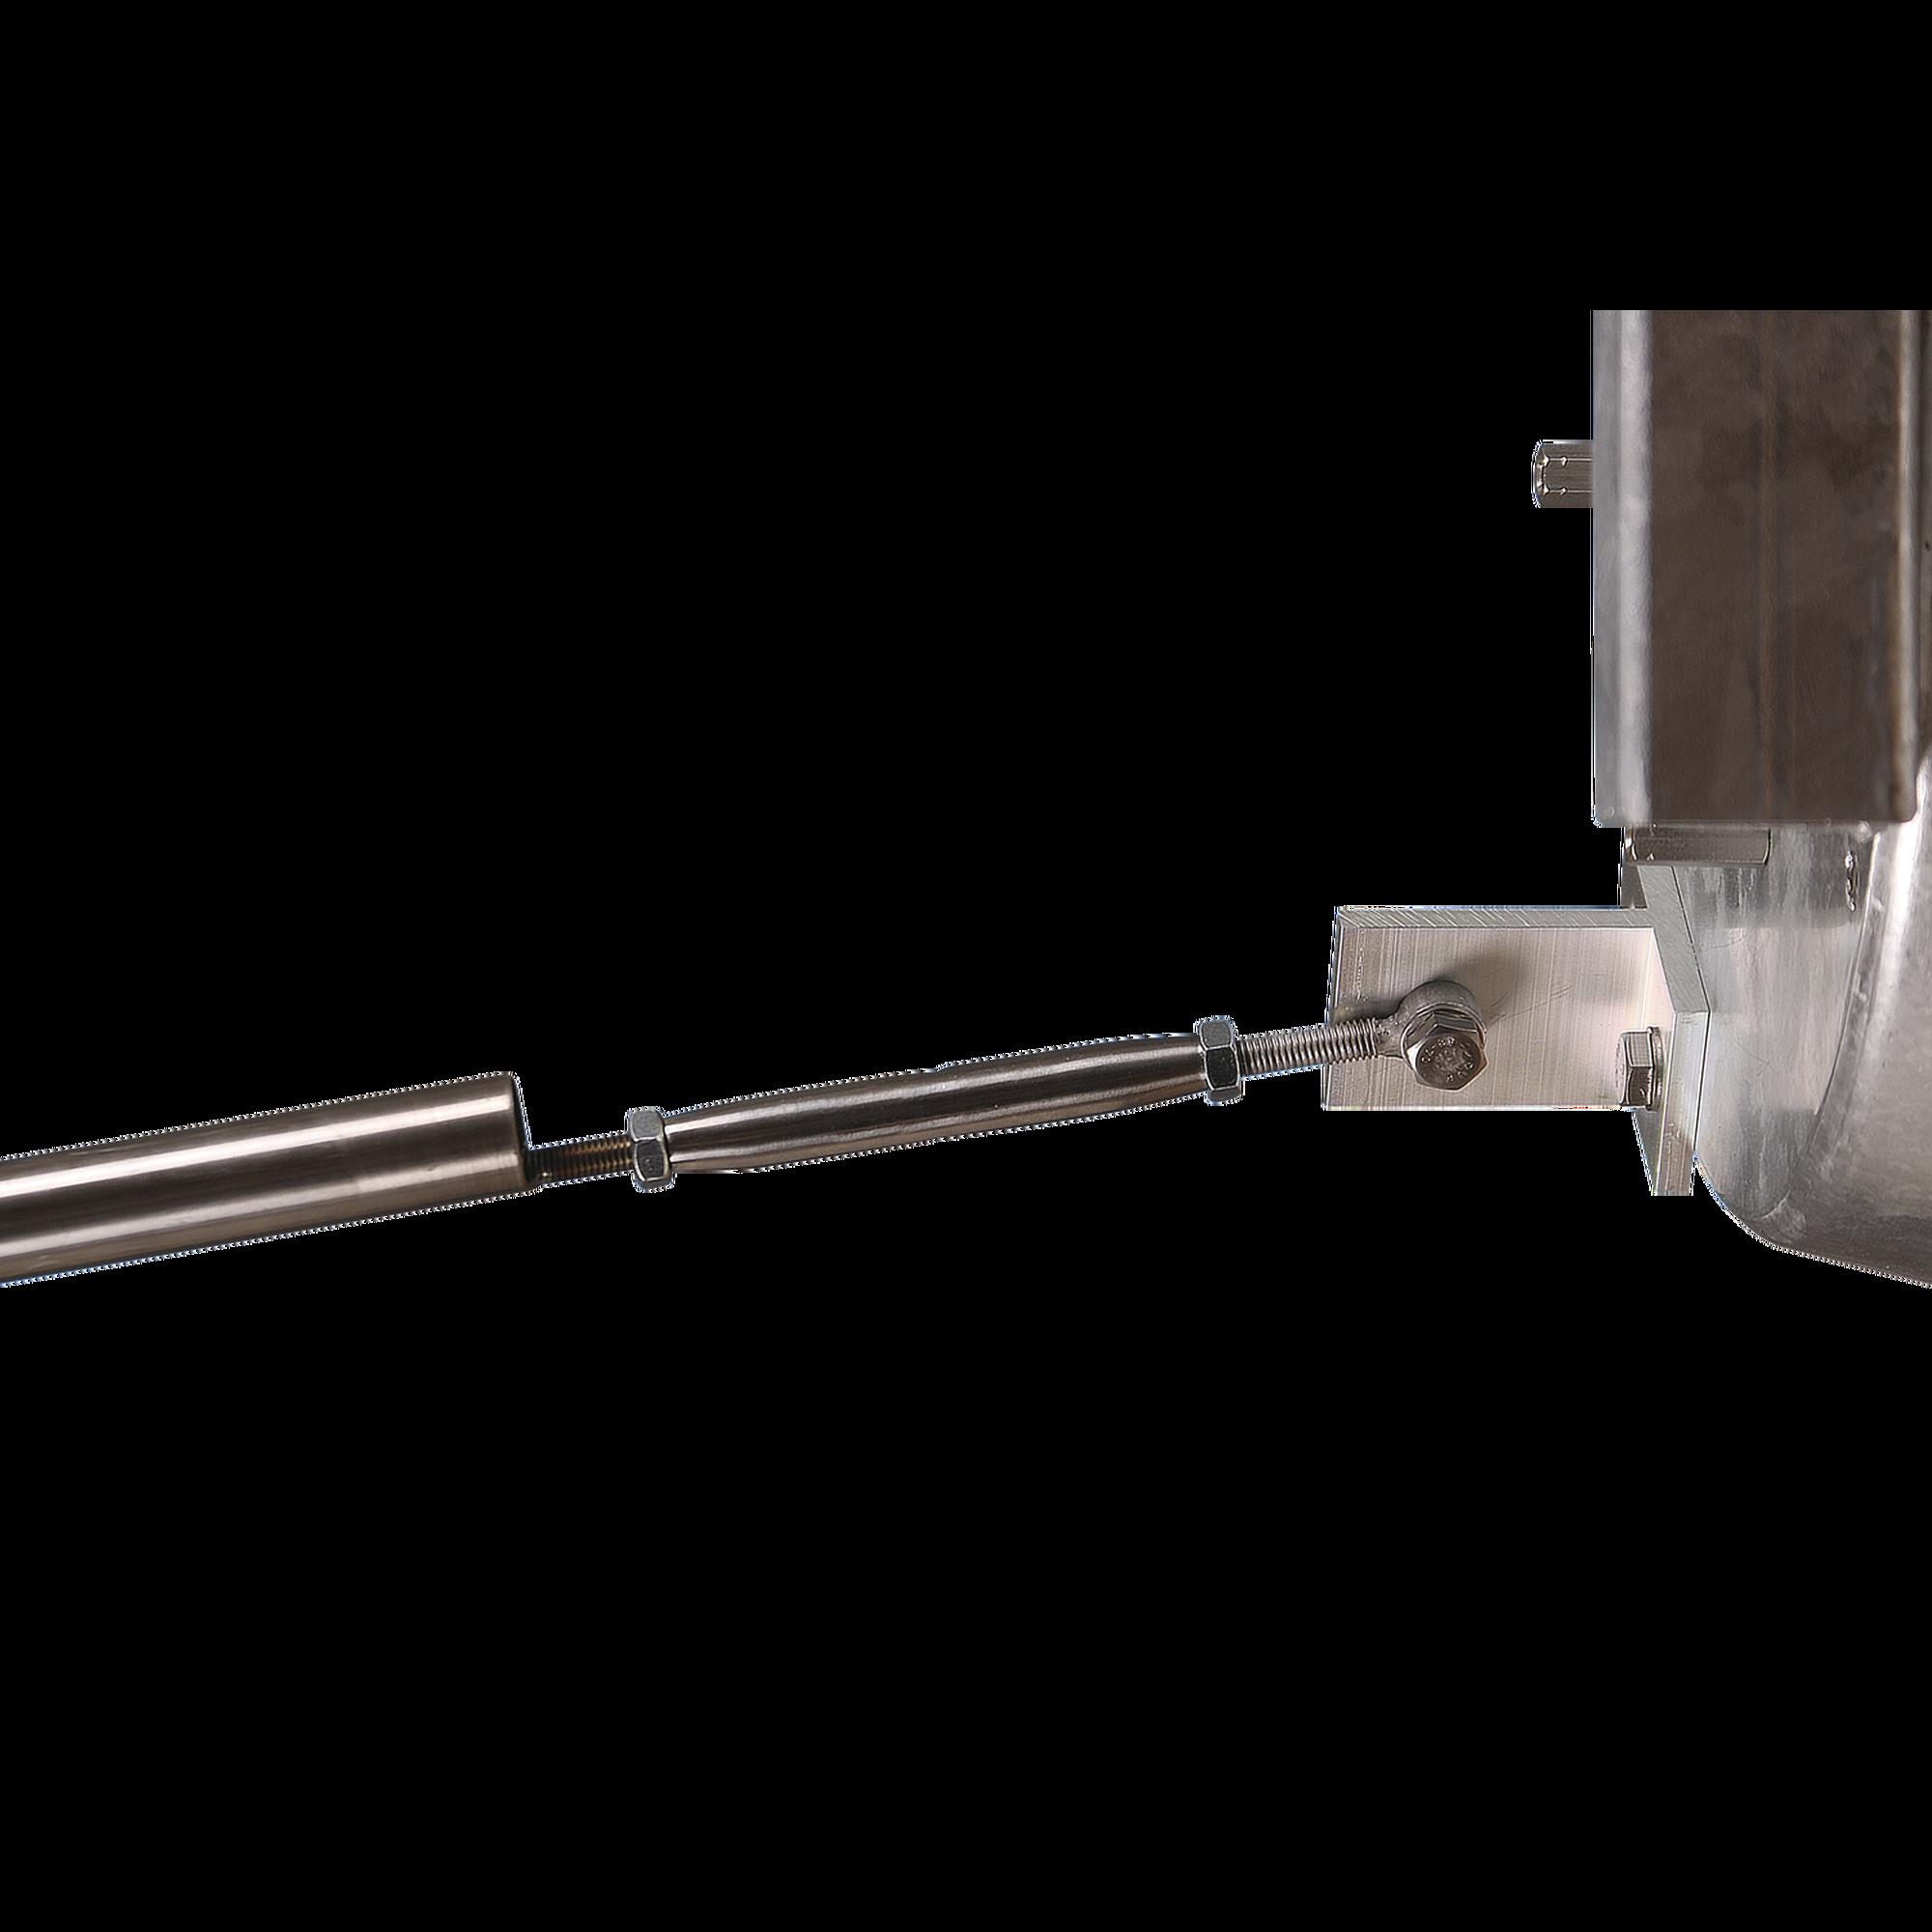 Montaje ajustable para mayor estabilidad y alineación de antenas JRMA01200 y JRCDD35DUPLEX